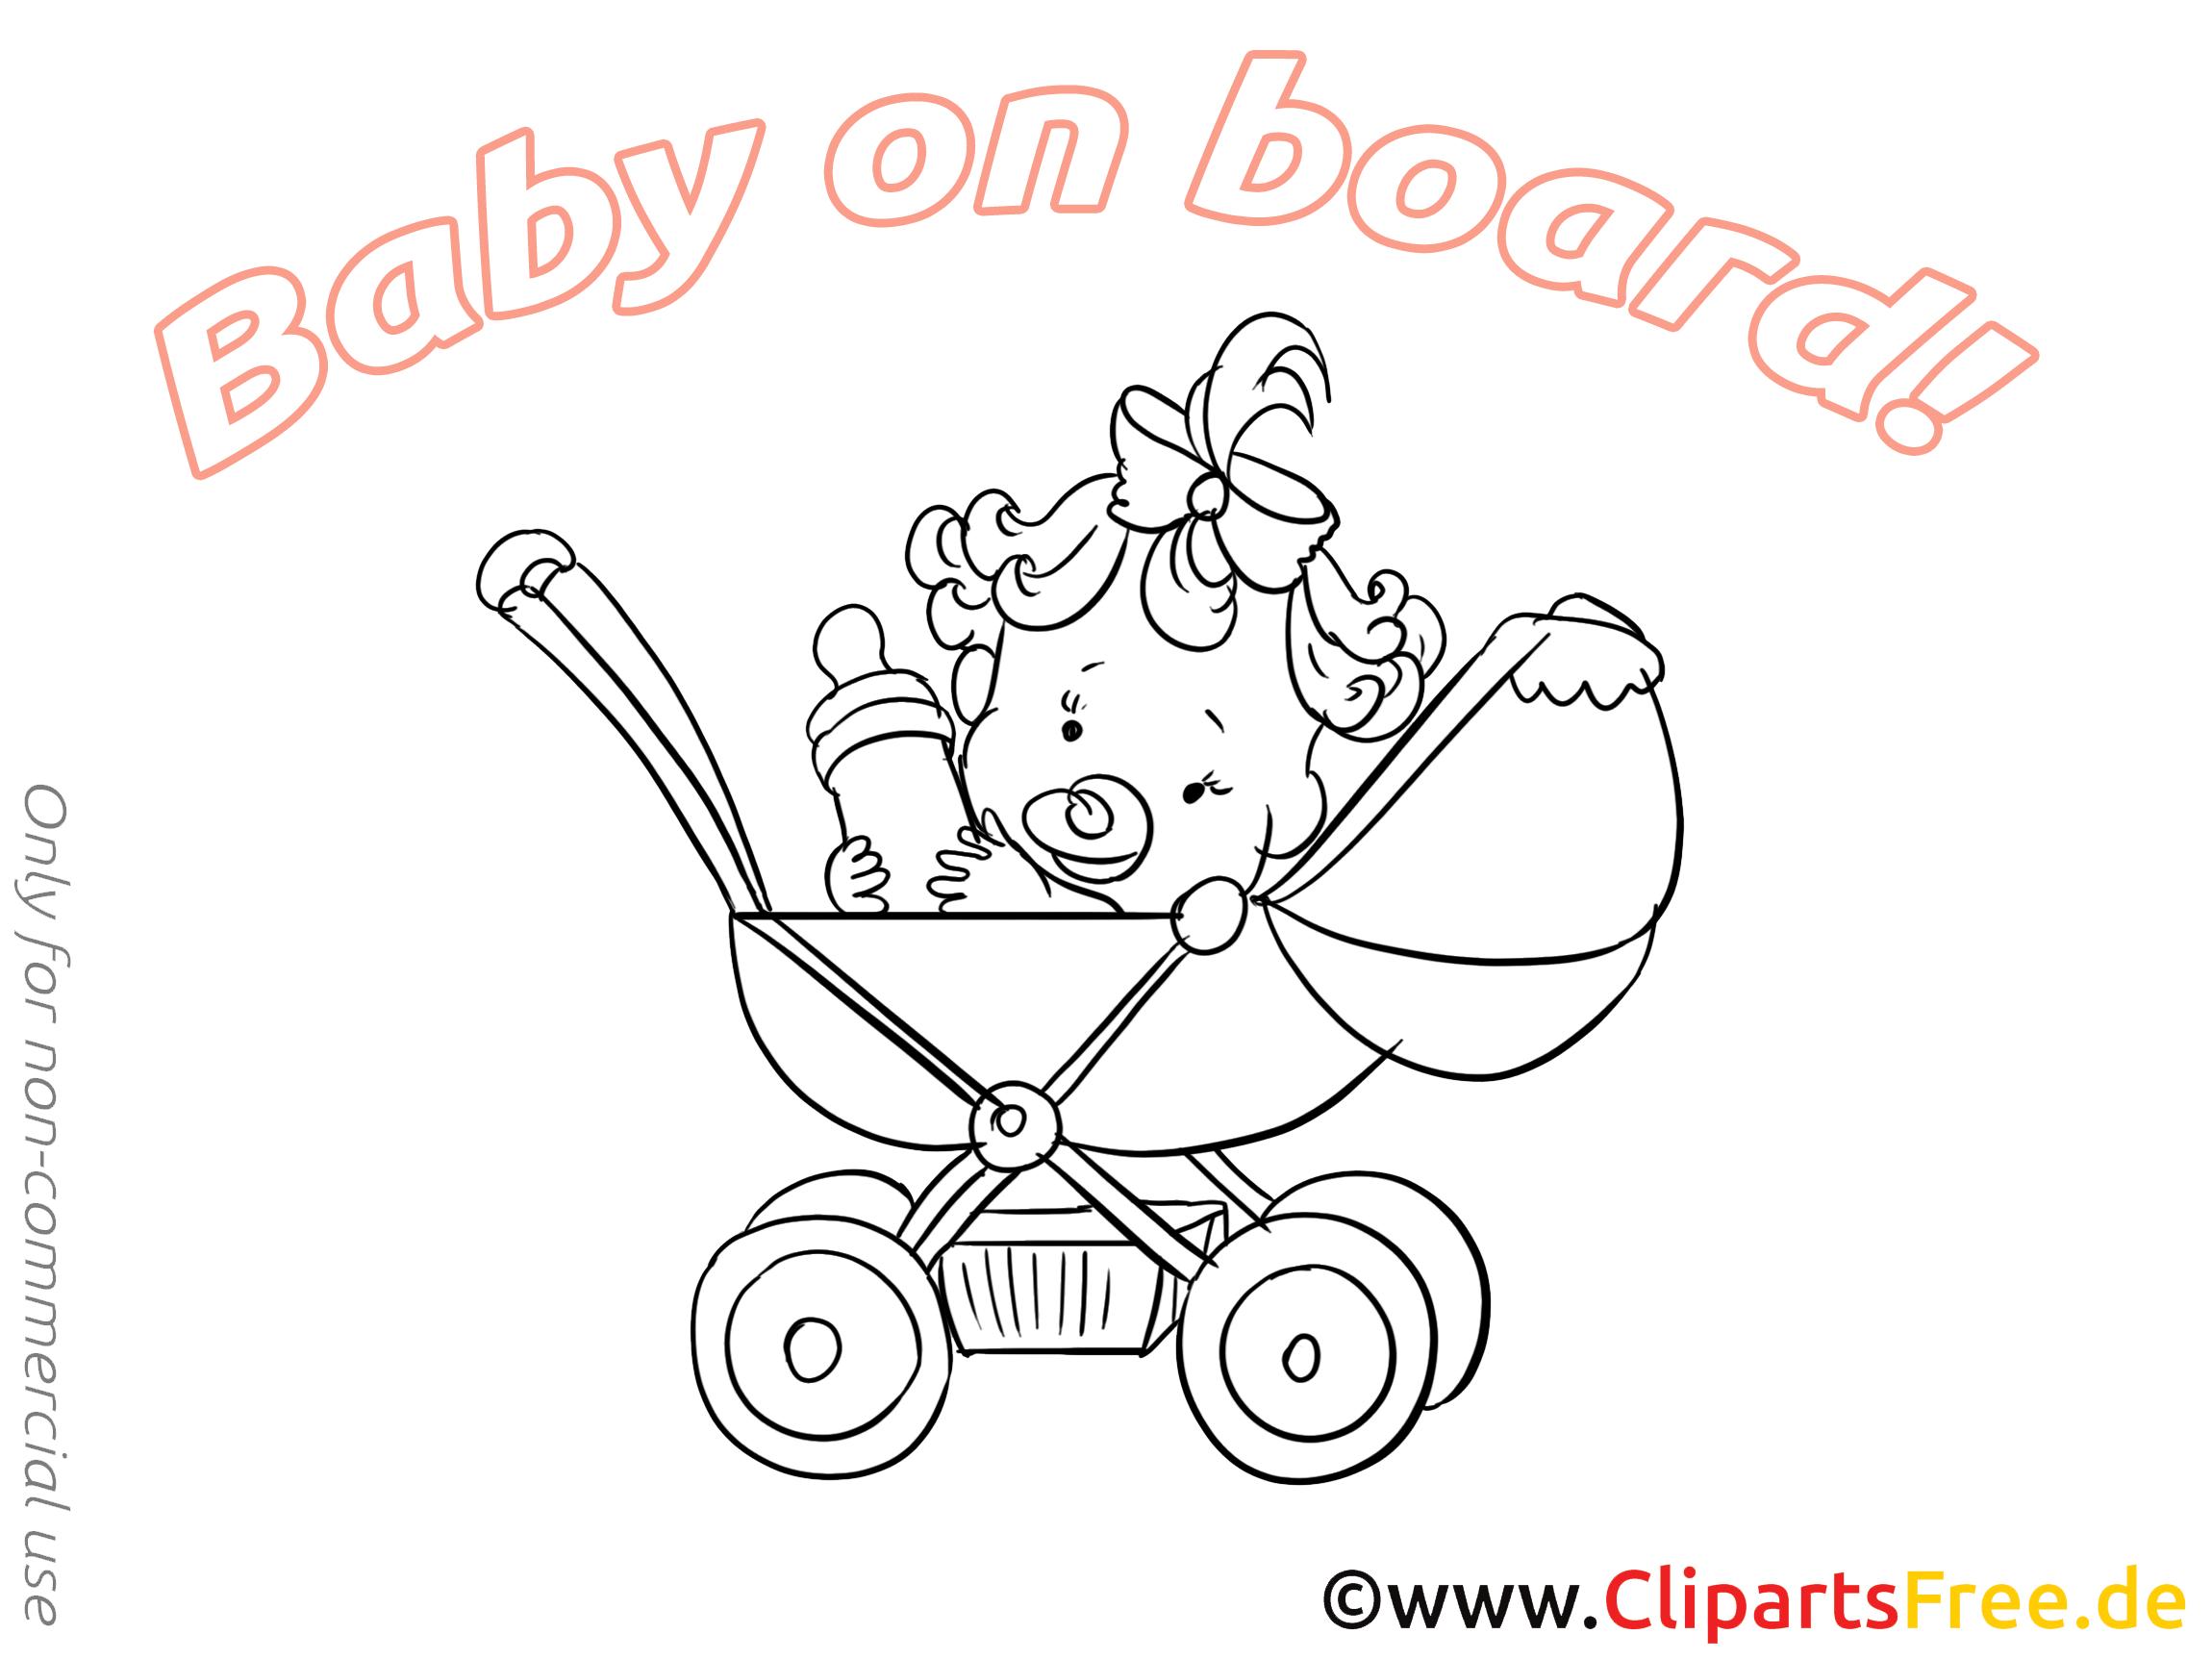 Coloriage poussette – Bébé à bord images cliparts